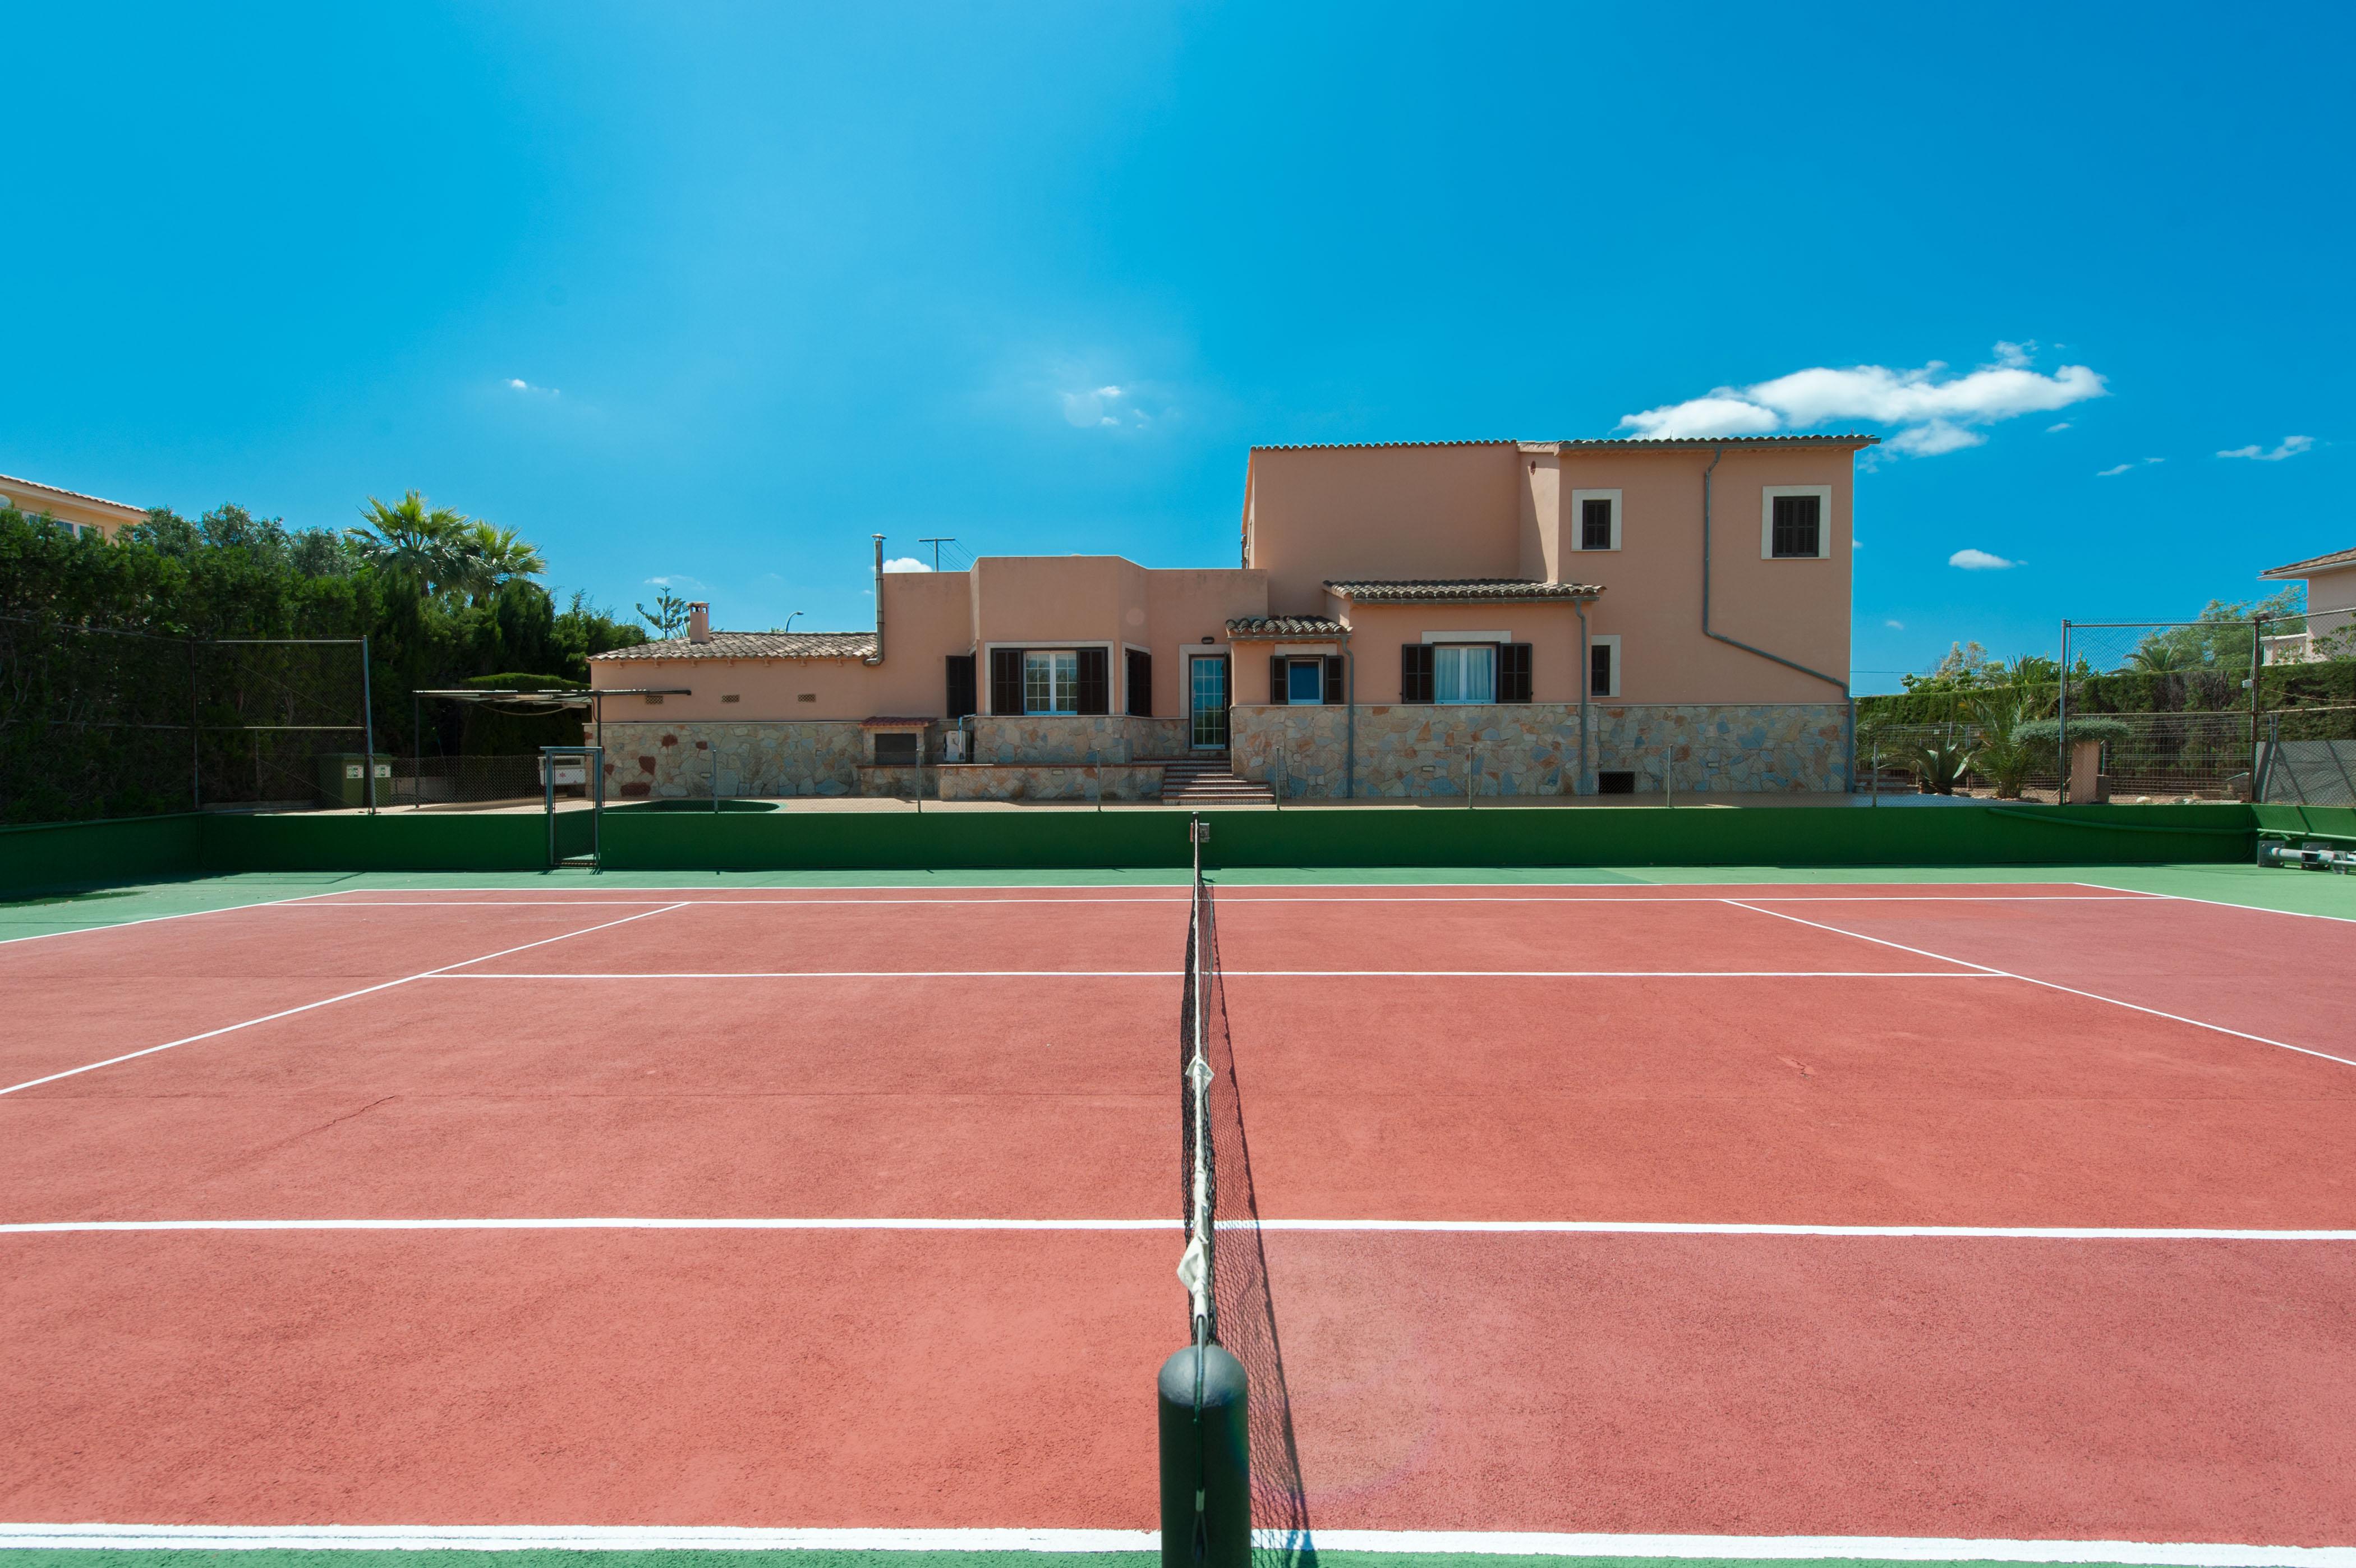 Ferienhaus GARROVERETA (2284823), Marratxi, Mallorca, Balearische Inseln, Spanien, Bild 19